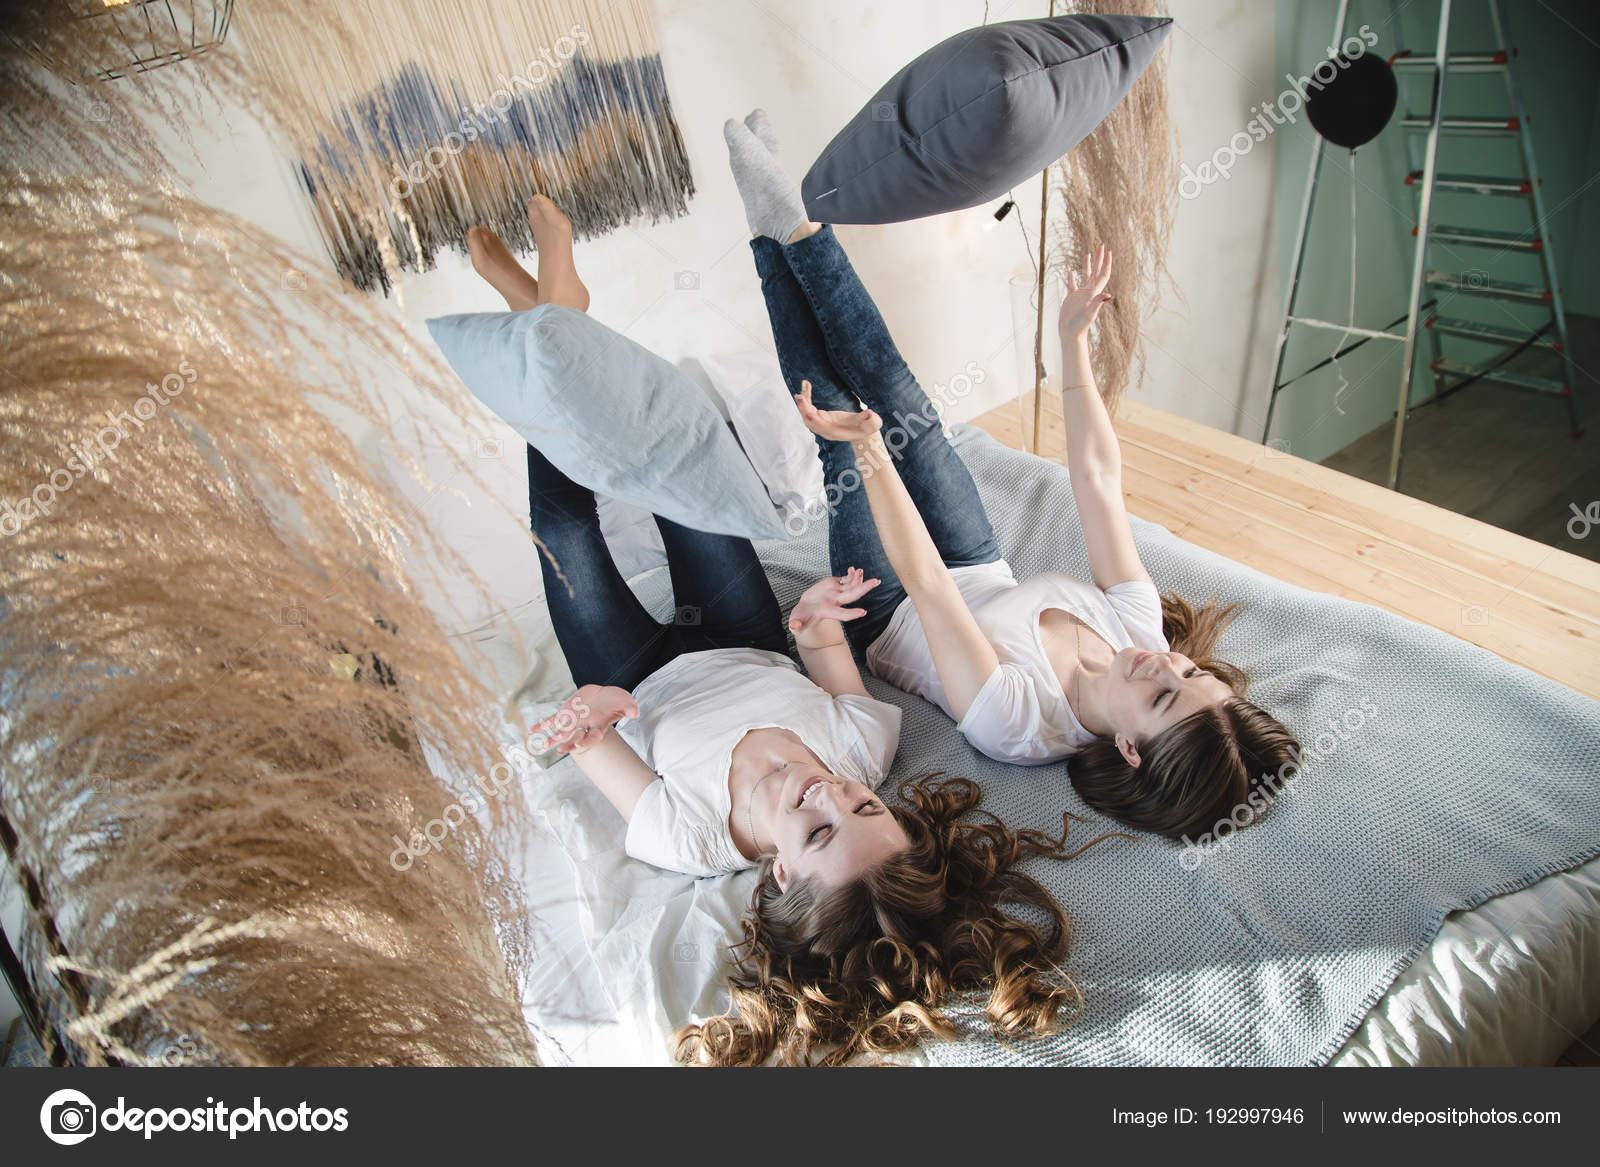 Im Haus sind zwei schöne Freundinnen Spaß. Weibliche Freundschaft ...